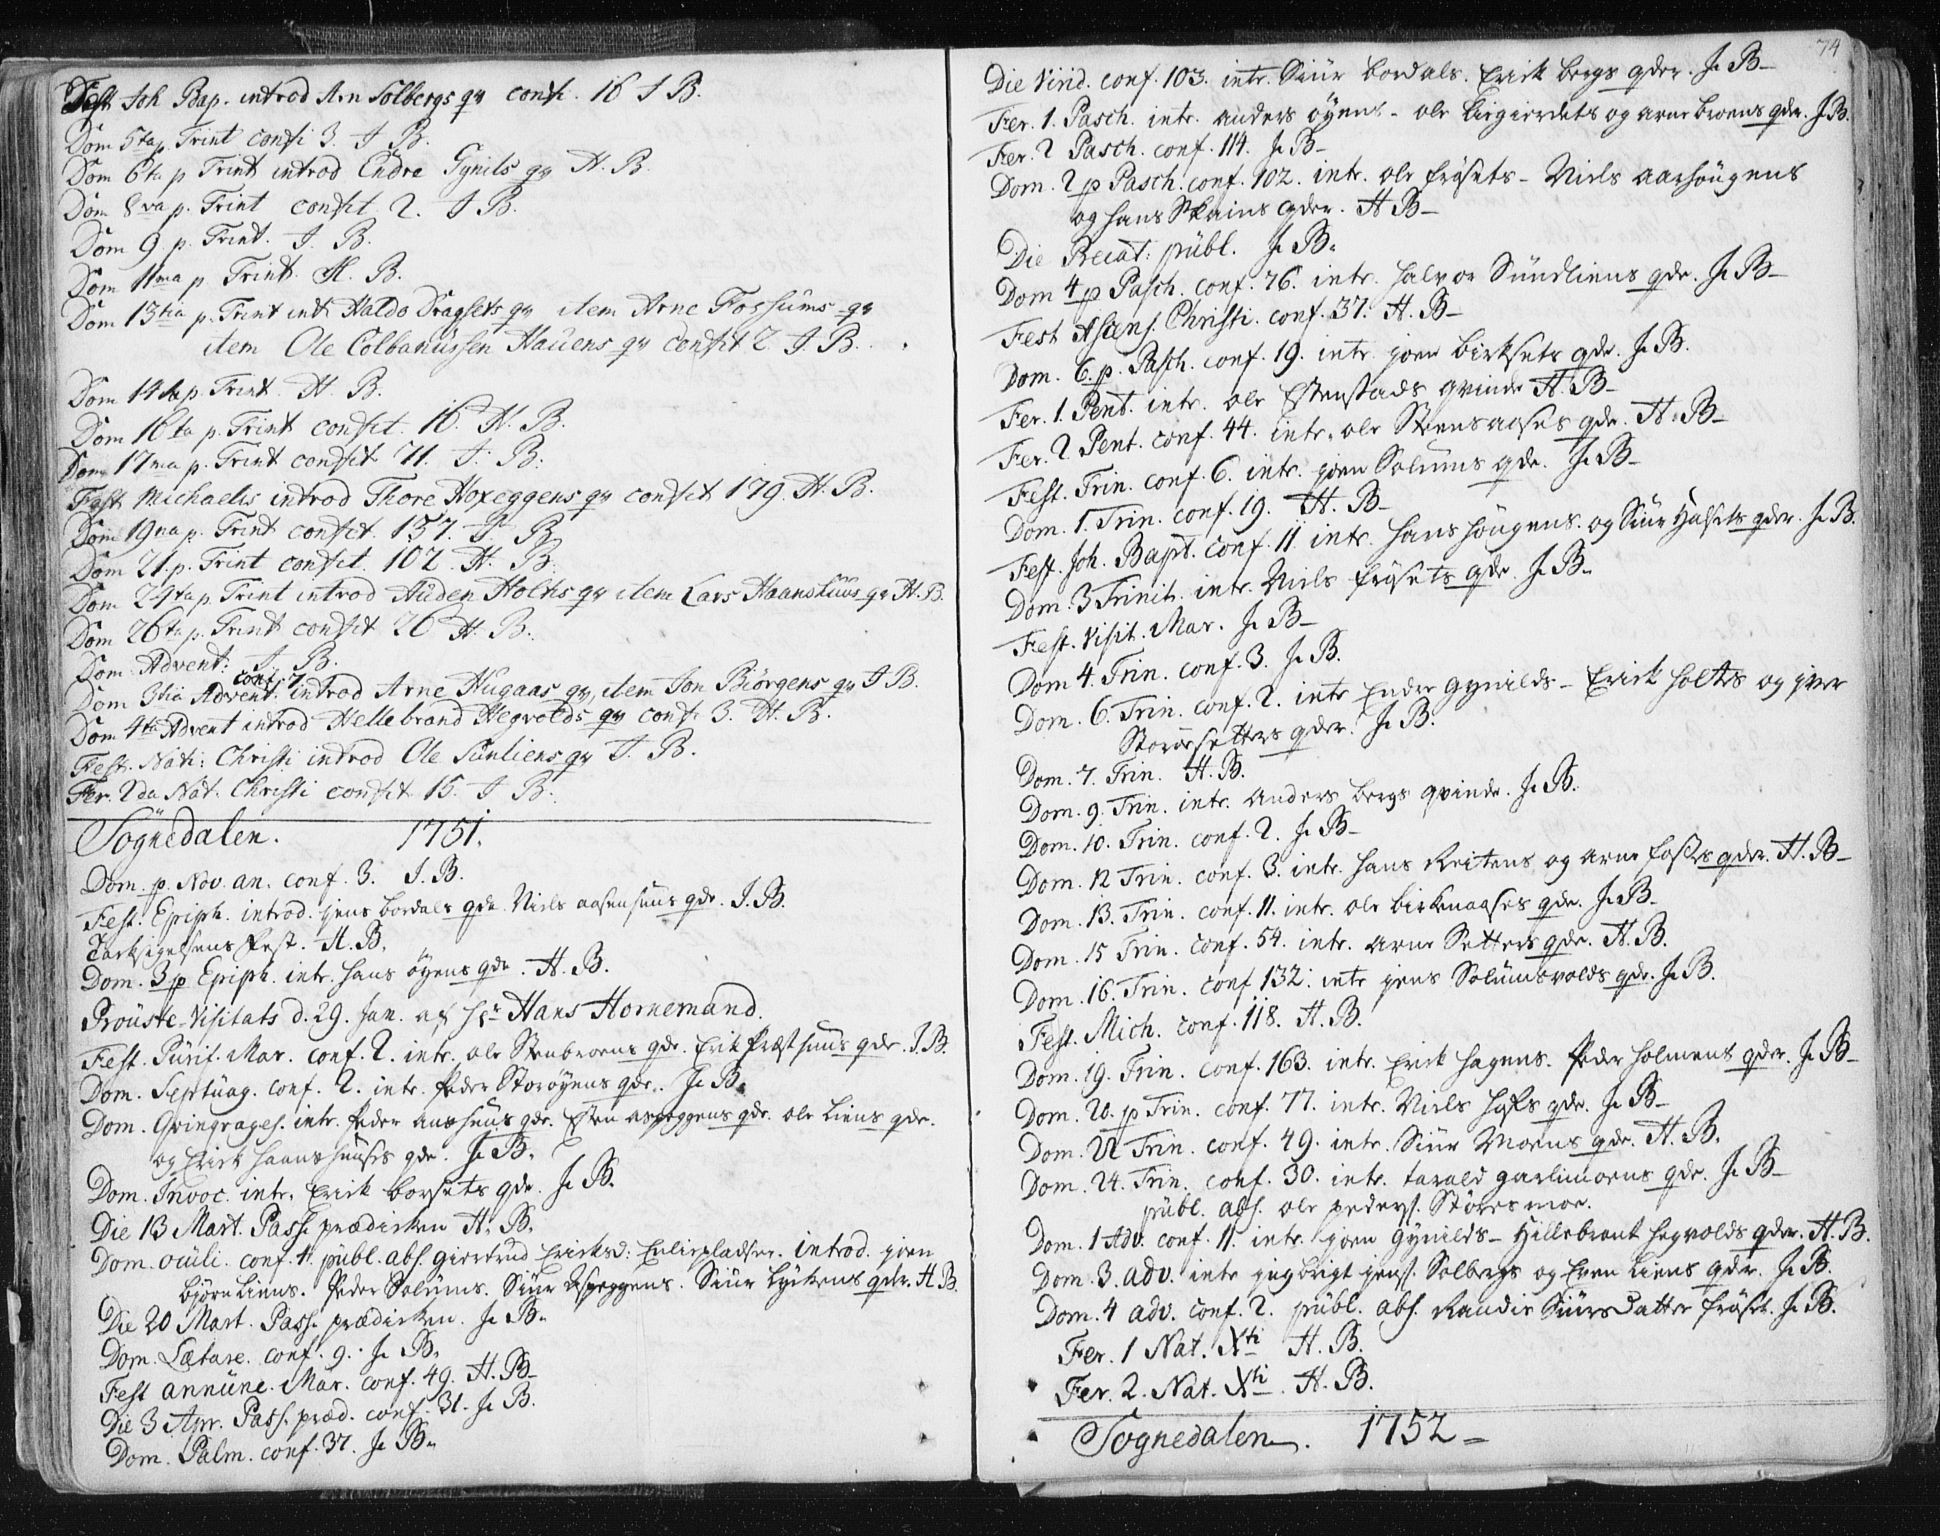 SAT, Ministerialprotokoller, klokkerbøker og fødselsregistre - Sør-Trøndelag, 687/L0991: Ministerialbok nr. 687A02, 1747-1790, s. 74